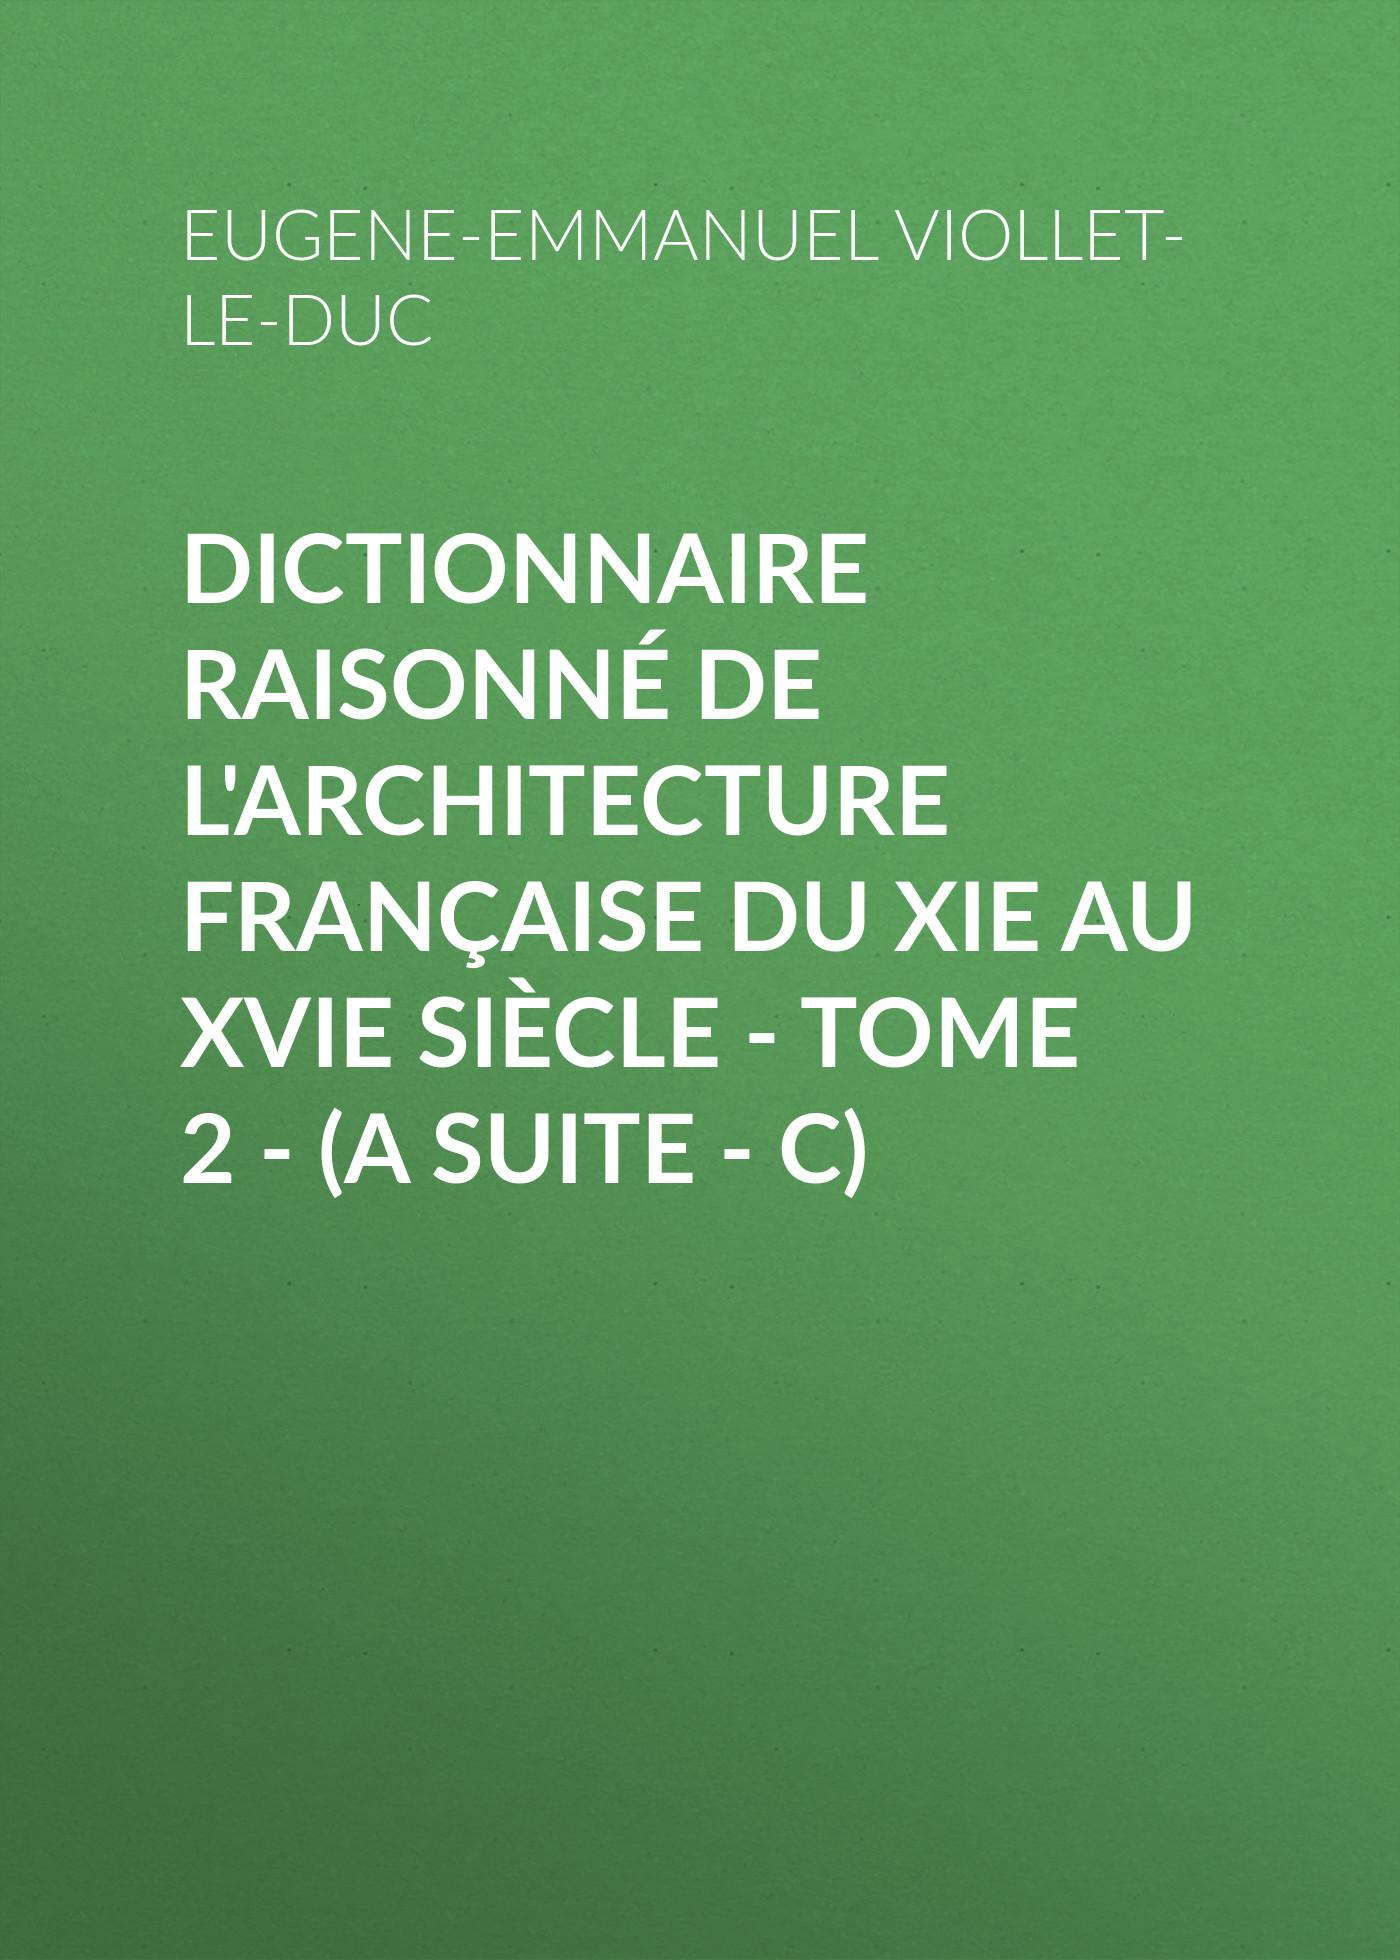 Eugene-Emmanuel Viollet-le-Duc Dictionnaire raisonné de l'architecture française du XIe au XVIe siècle - Tome 2 - (A suite - C) eugène emmanuel viollet le duc la cite de carcassonne aude french edition